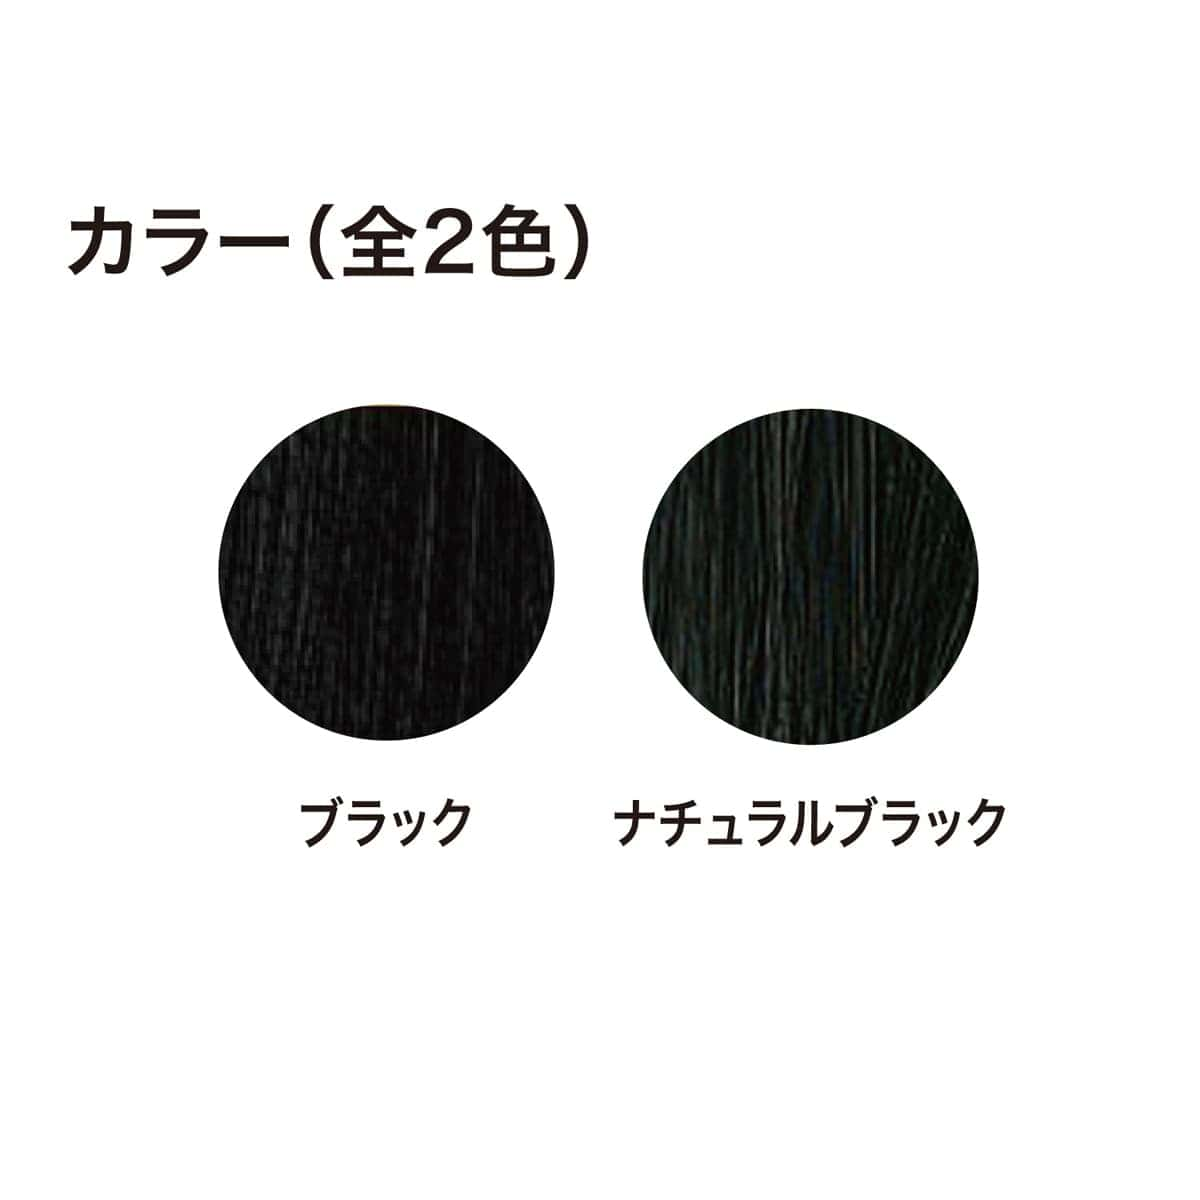 アートミクロン パウダー(20g) 単品+マイスターシャンプー+マイスターコンディショナー